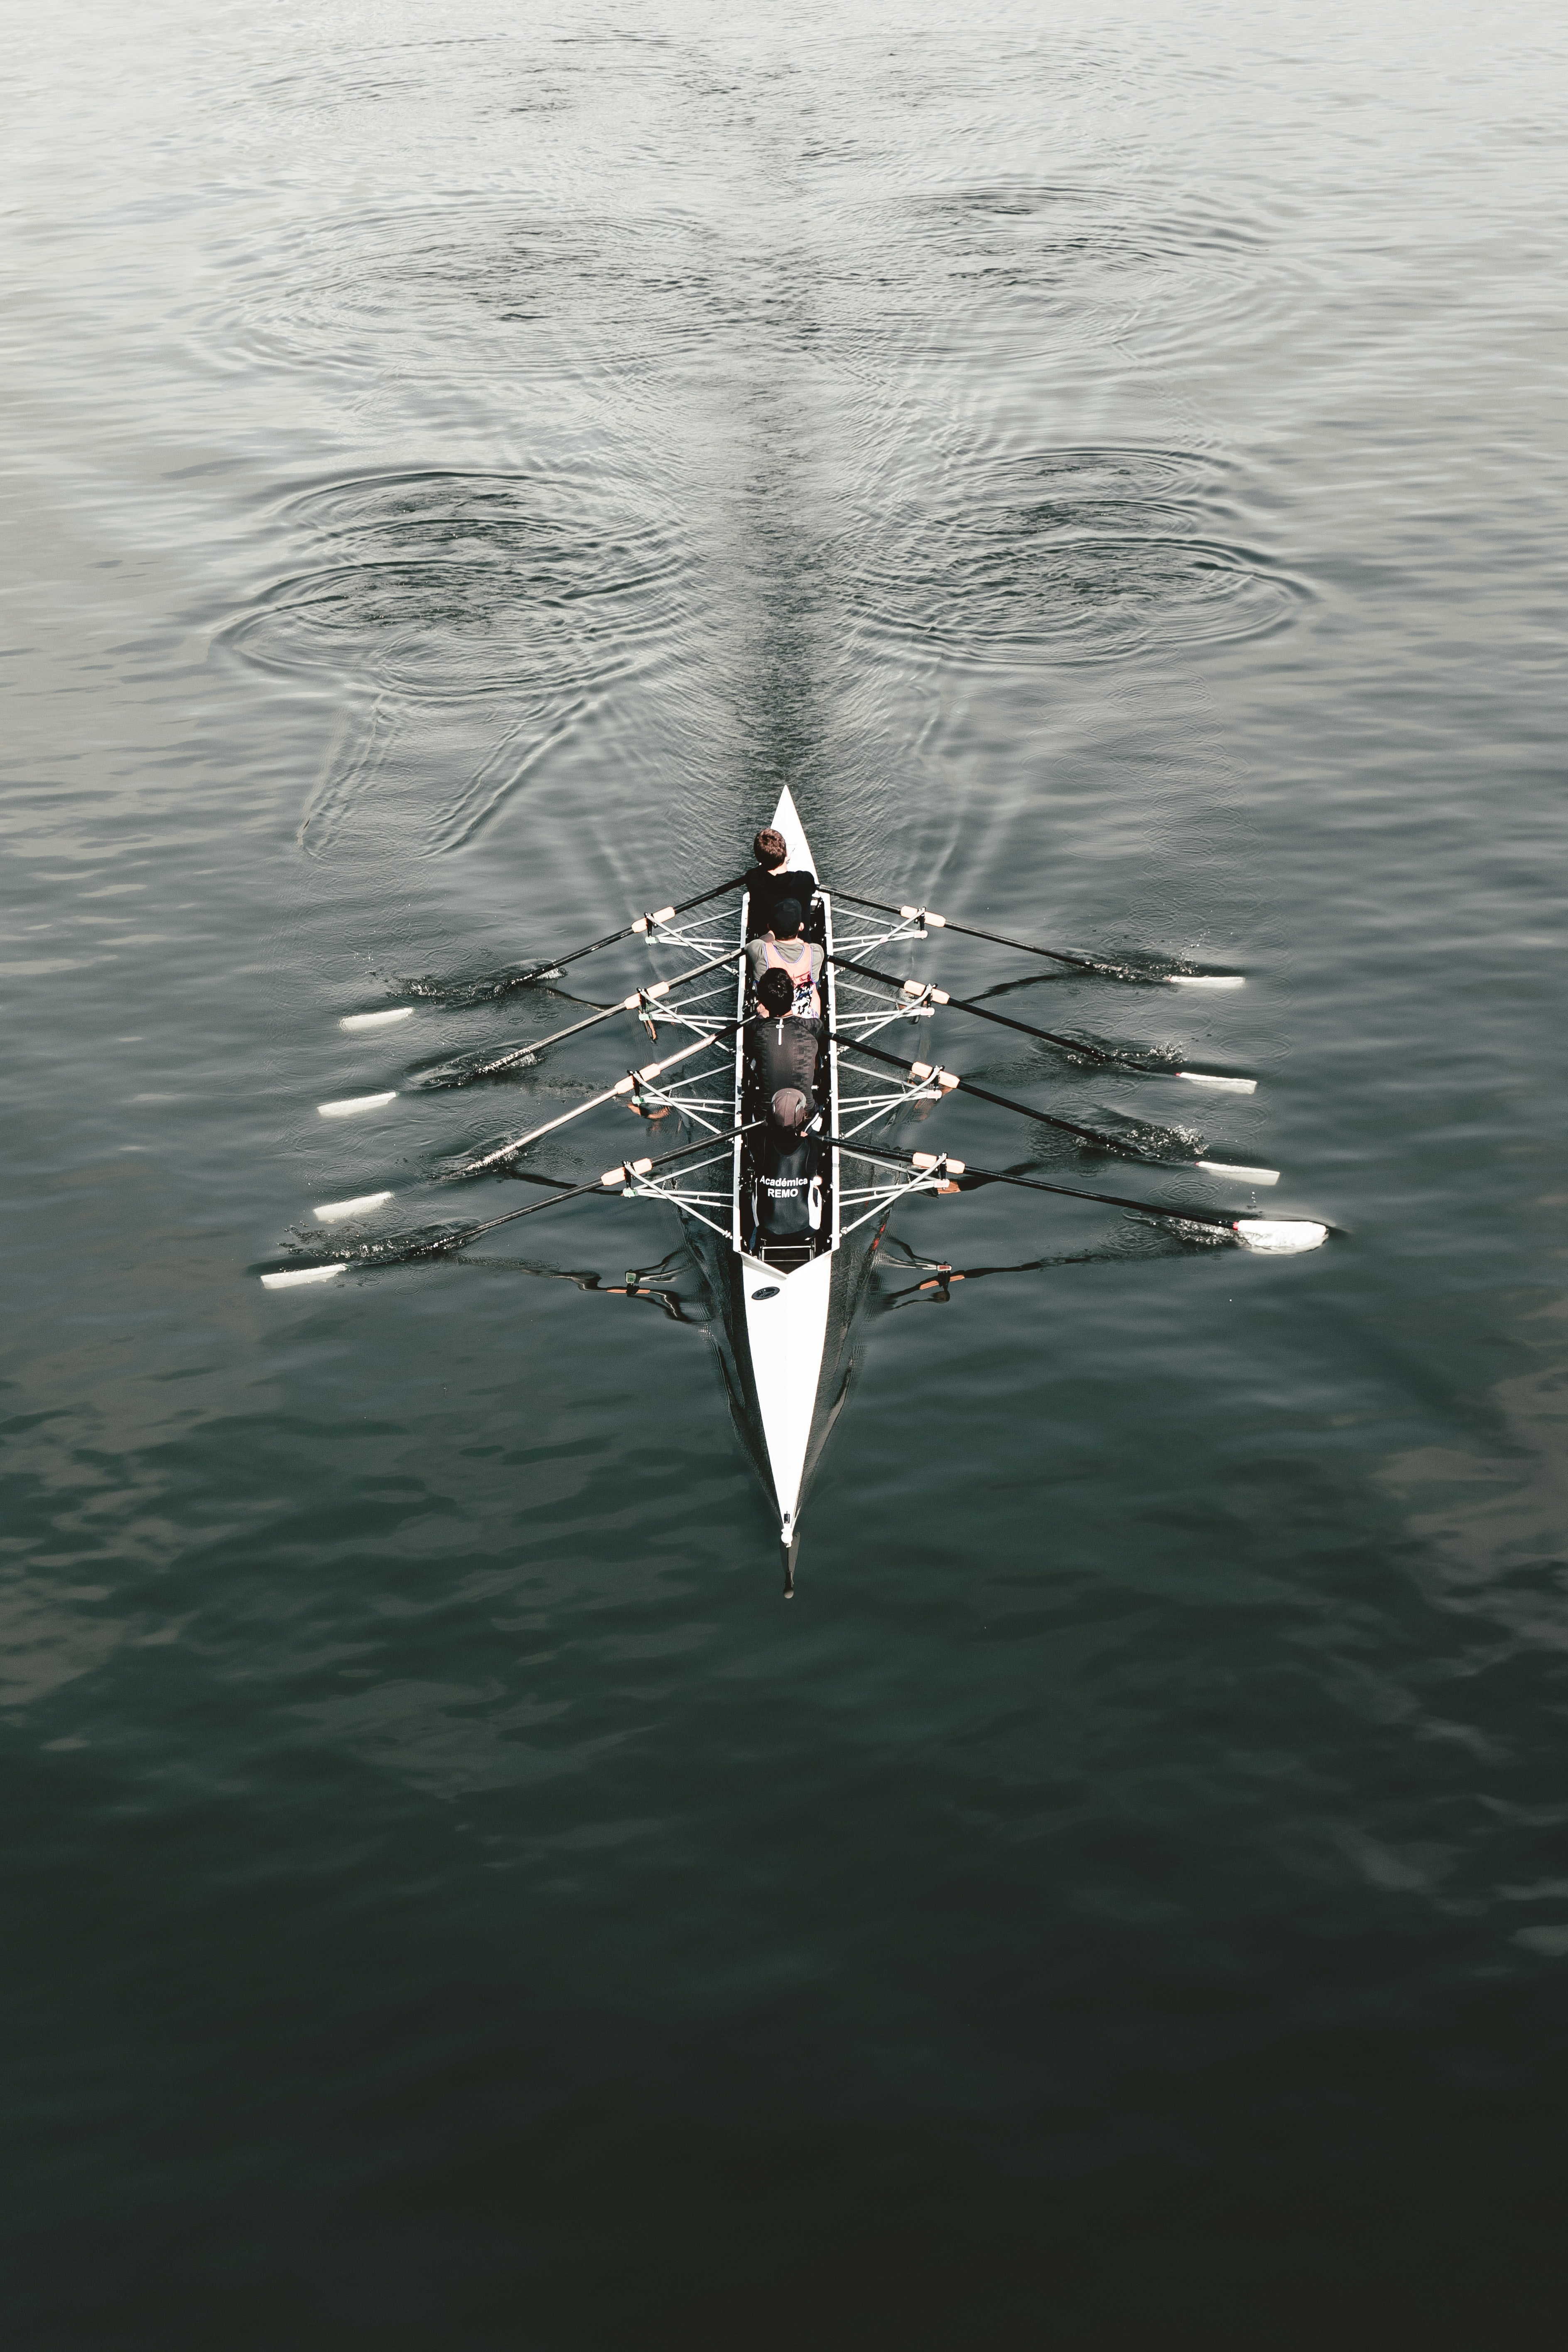 83071 скачать обои Лодка, Гребля, Спорт - заставки и картинки бесплатно